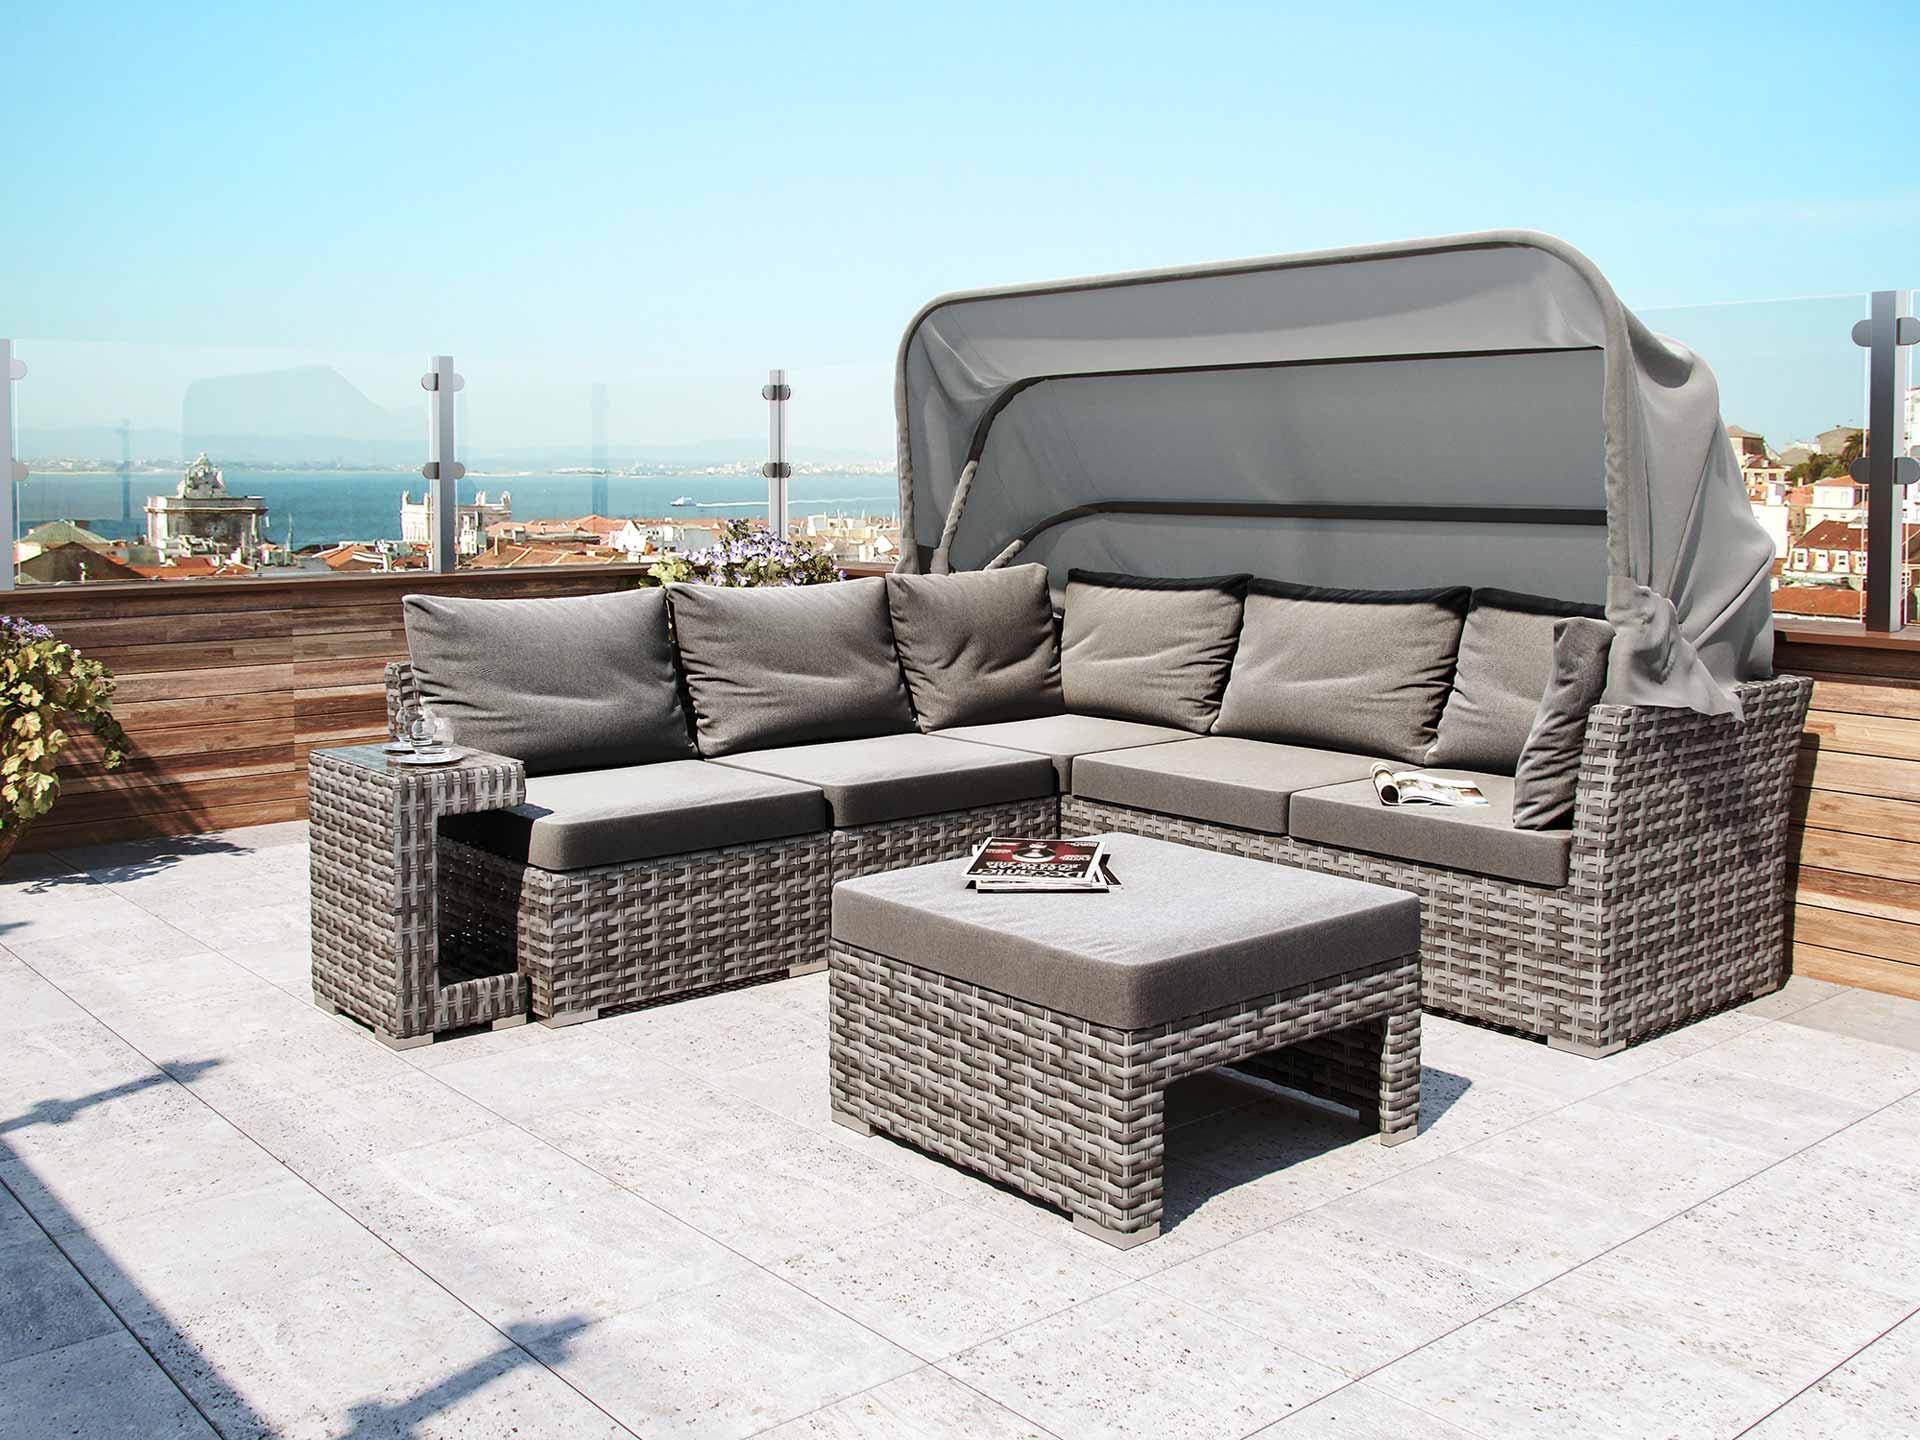 artelia jetzt die polyrattan sonneninsel noah kaufen. Black Bedroom Furniture Sets. Home Design Ideas